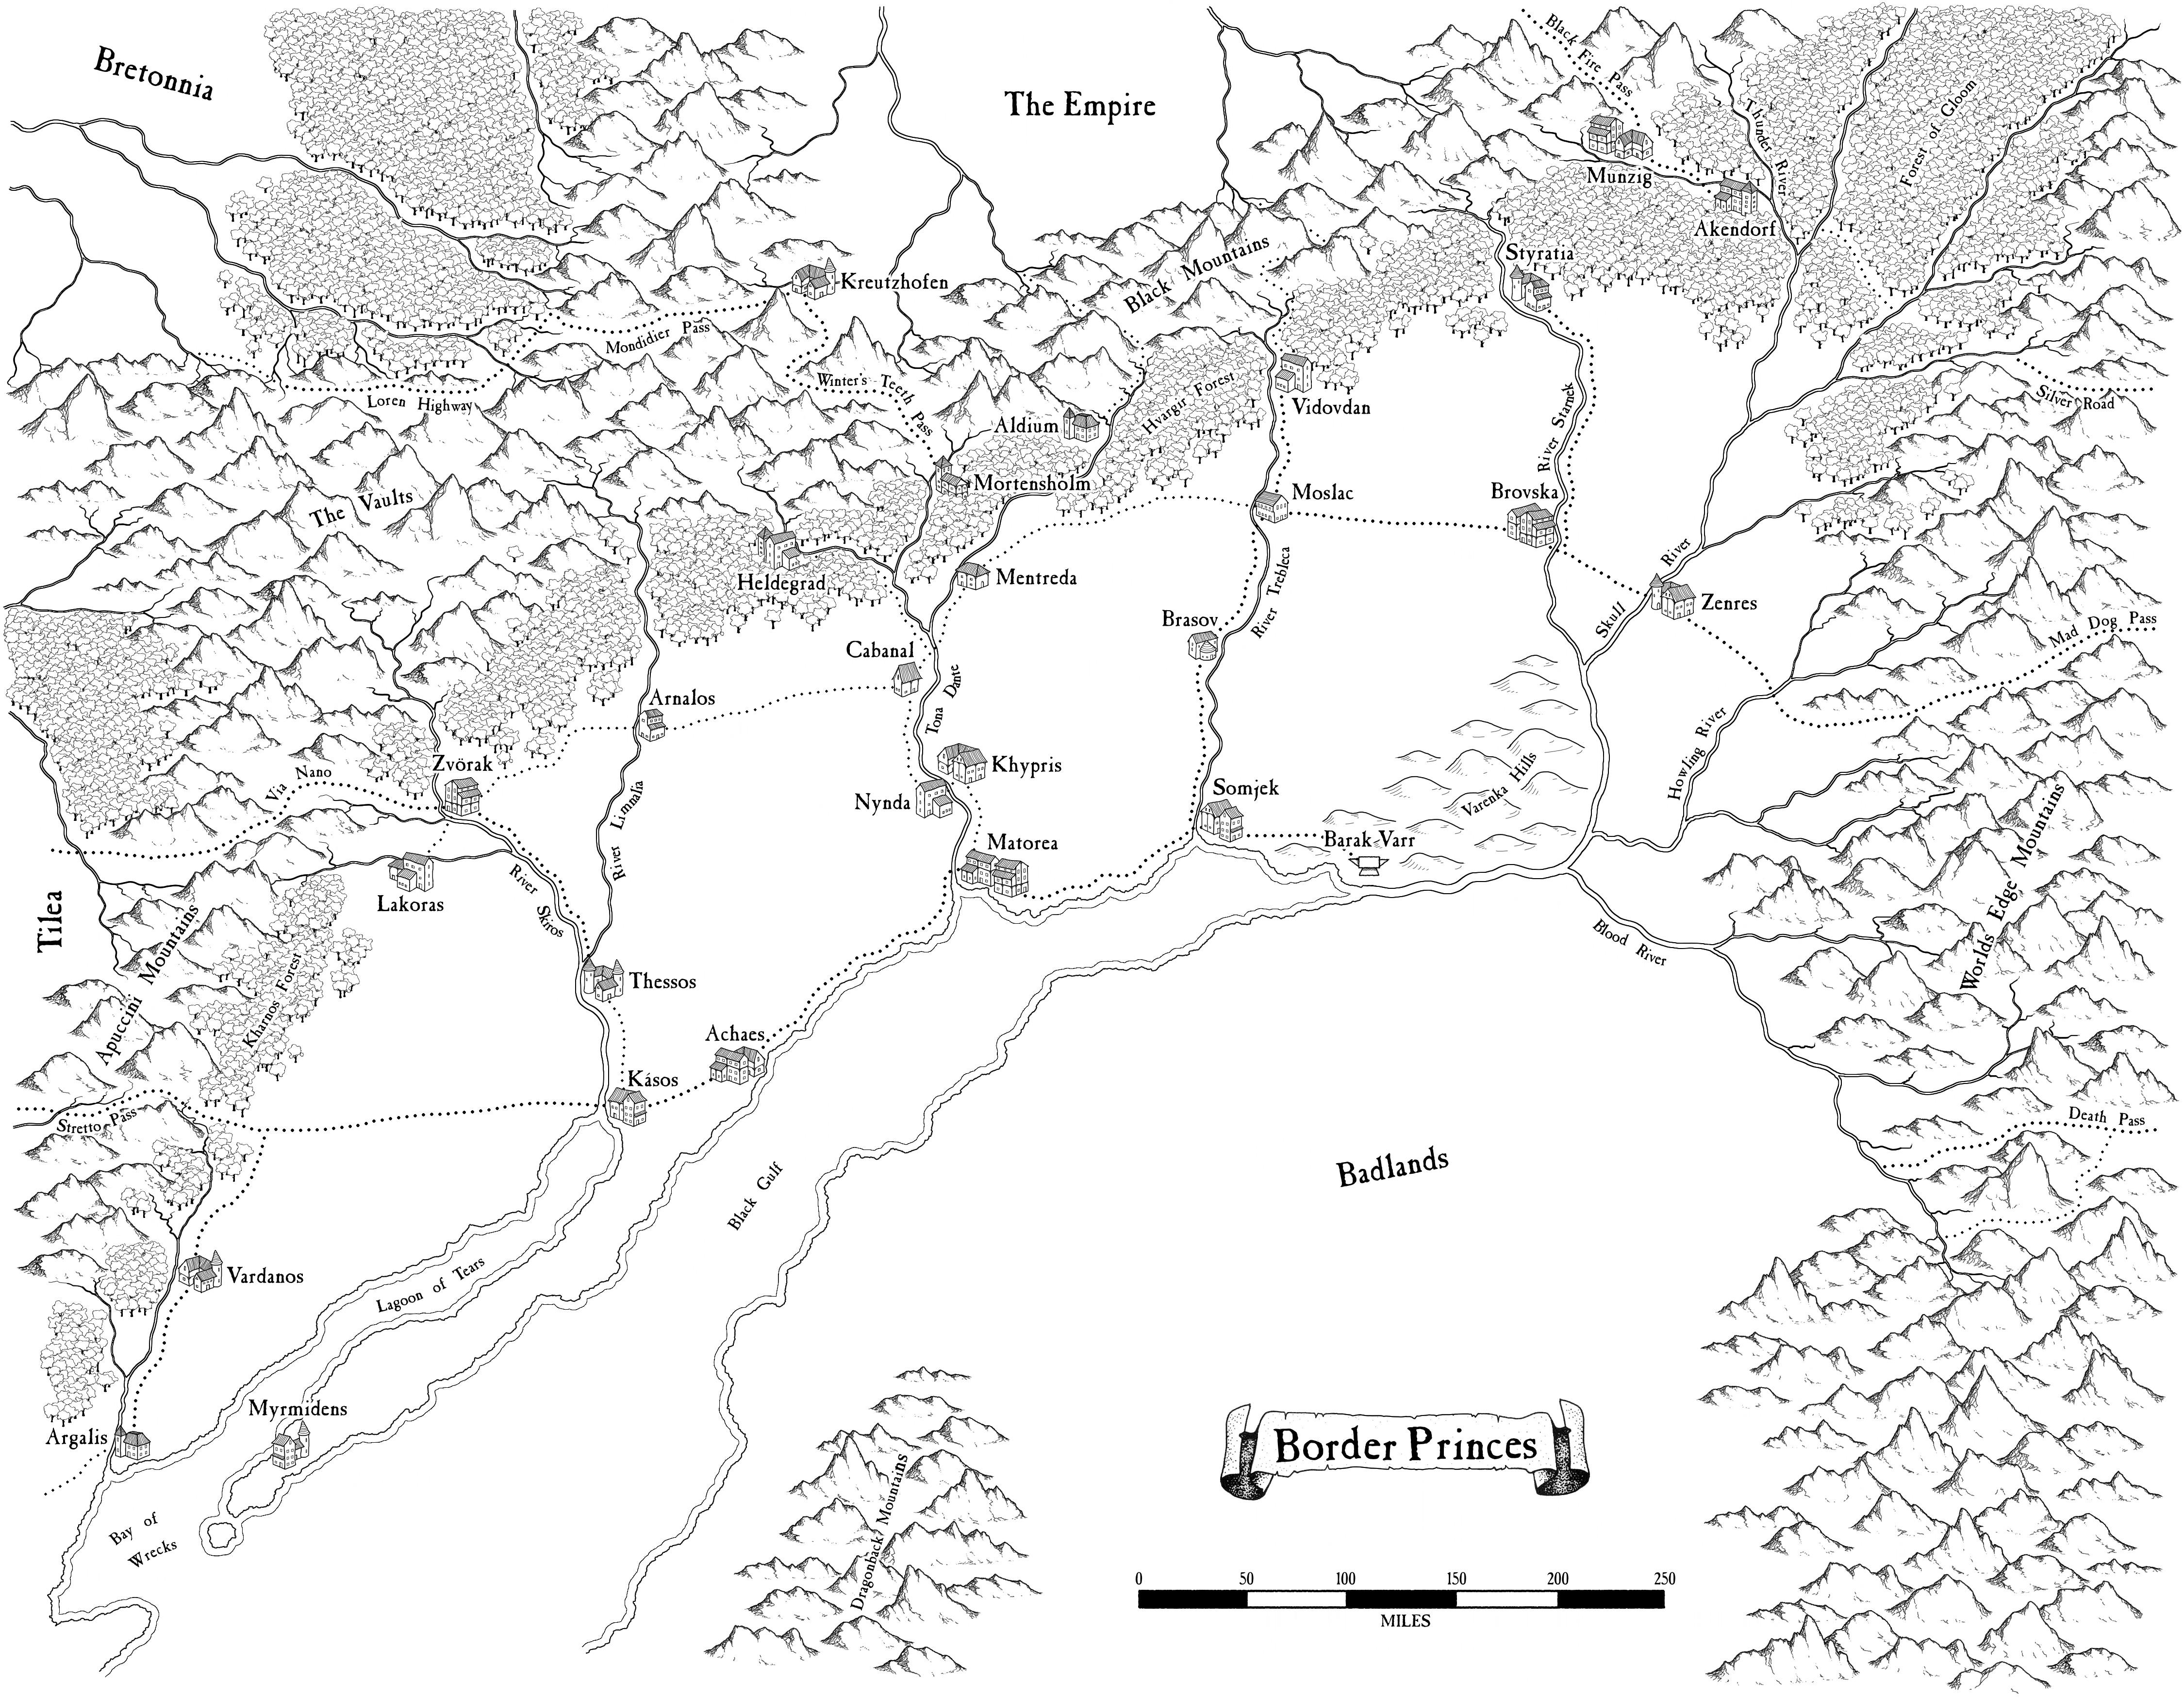 Blicher-Nunez Geographical Maps